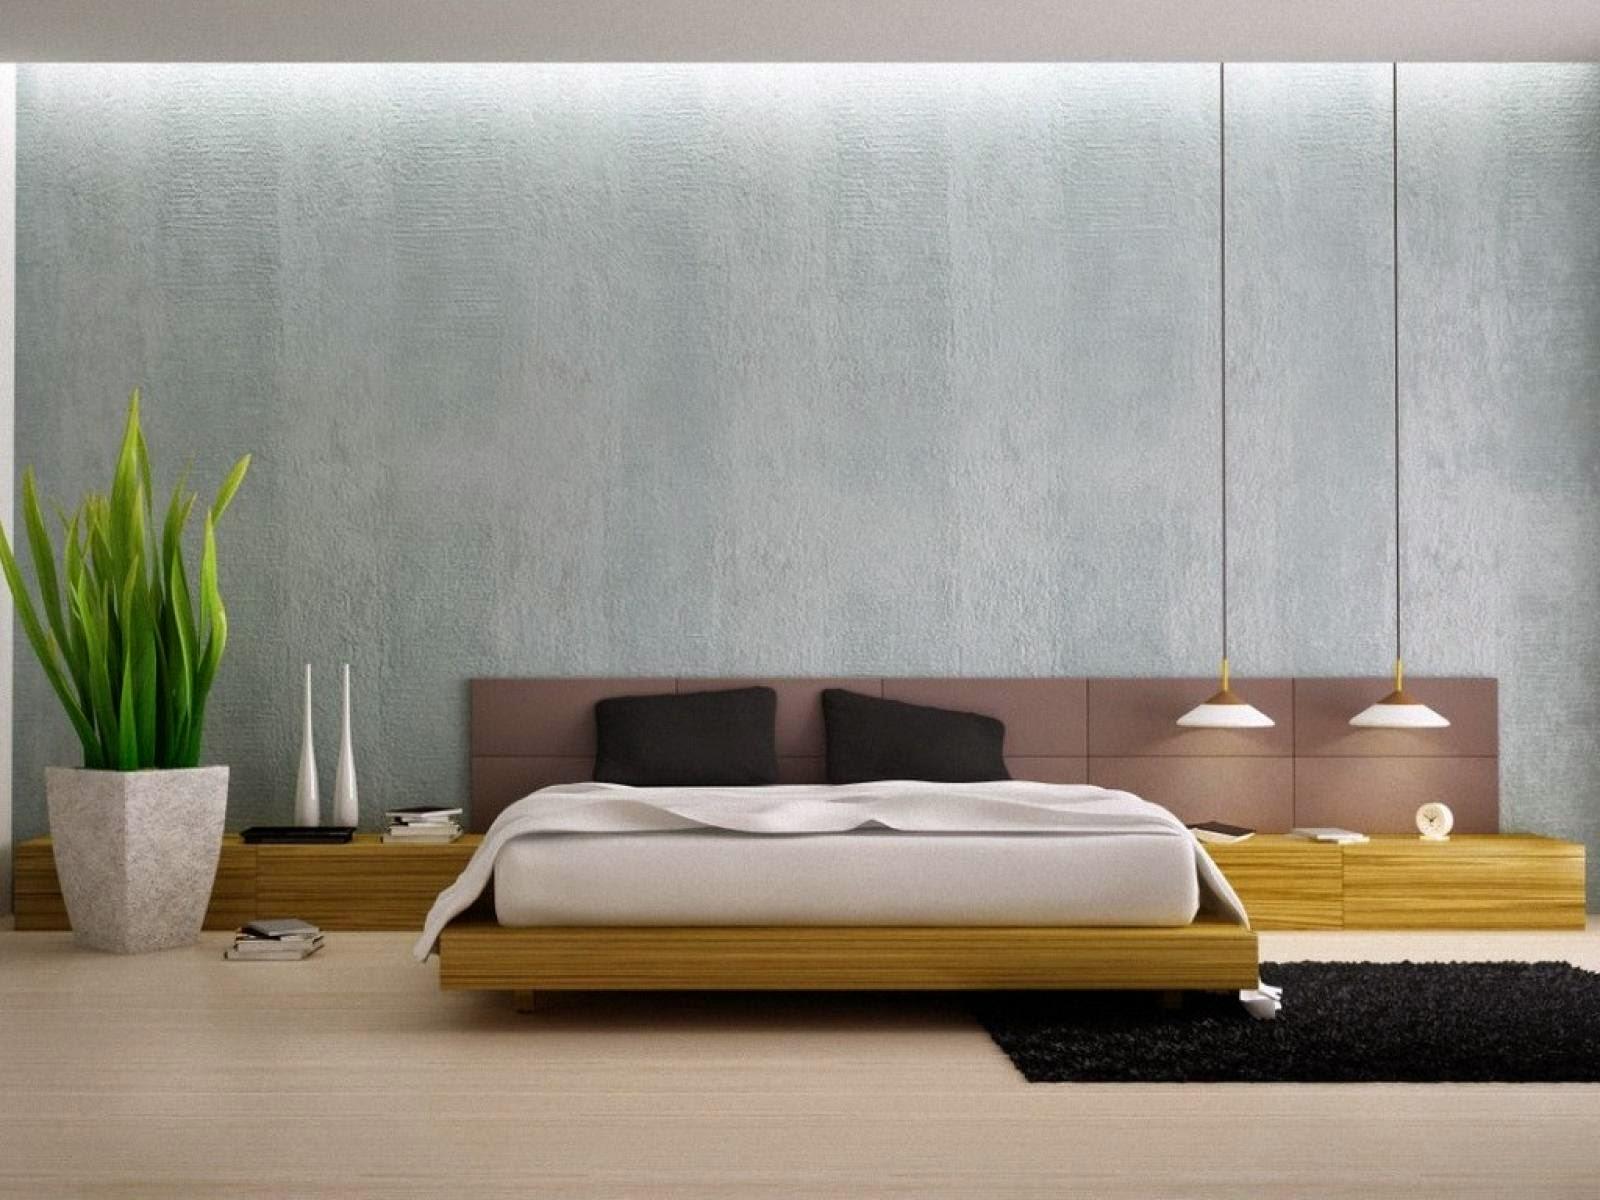 gambar wallpaper rumah minimalis, contoh wallpaper rumah minimalis